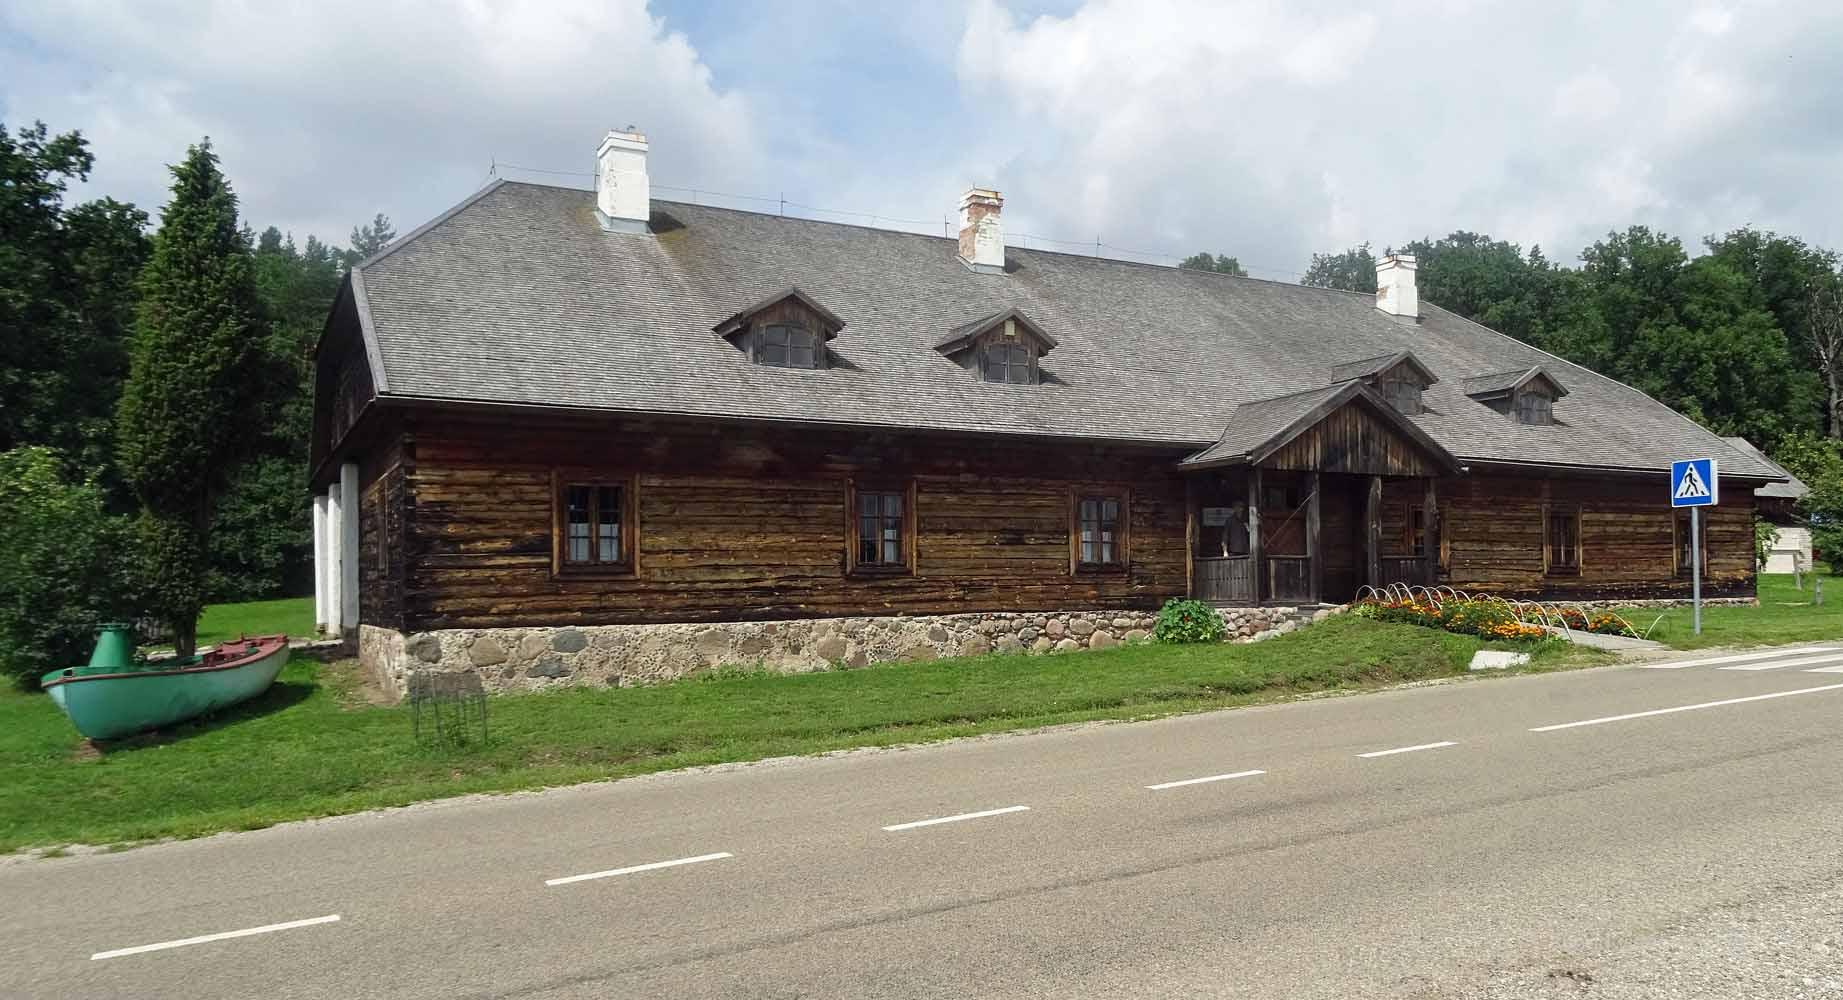 Die Regionalparks-Leitung residiert direkt neben dem Campingplatz Medaus Slenis.